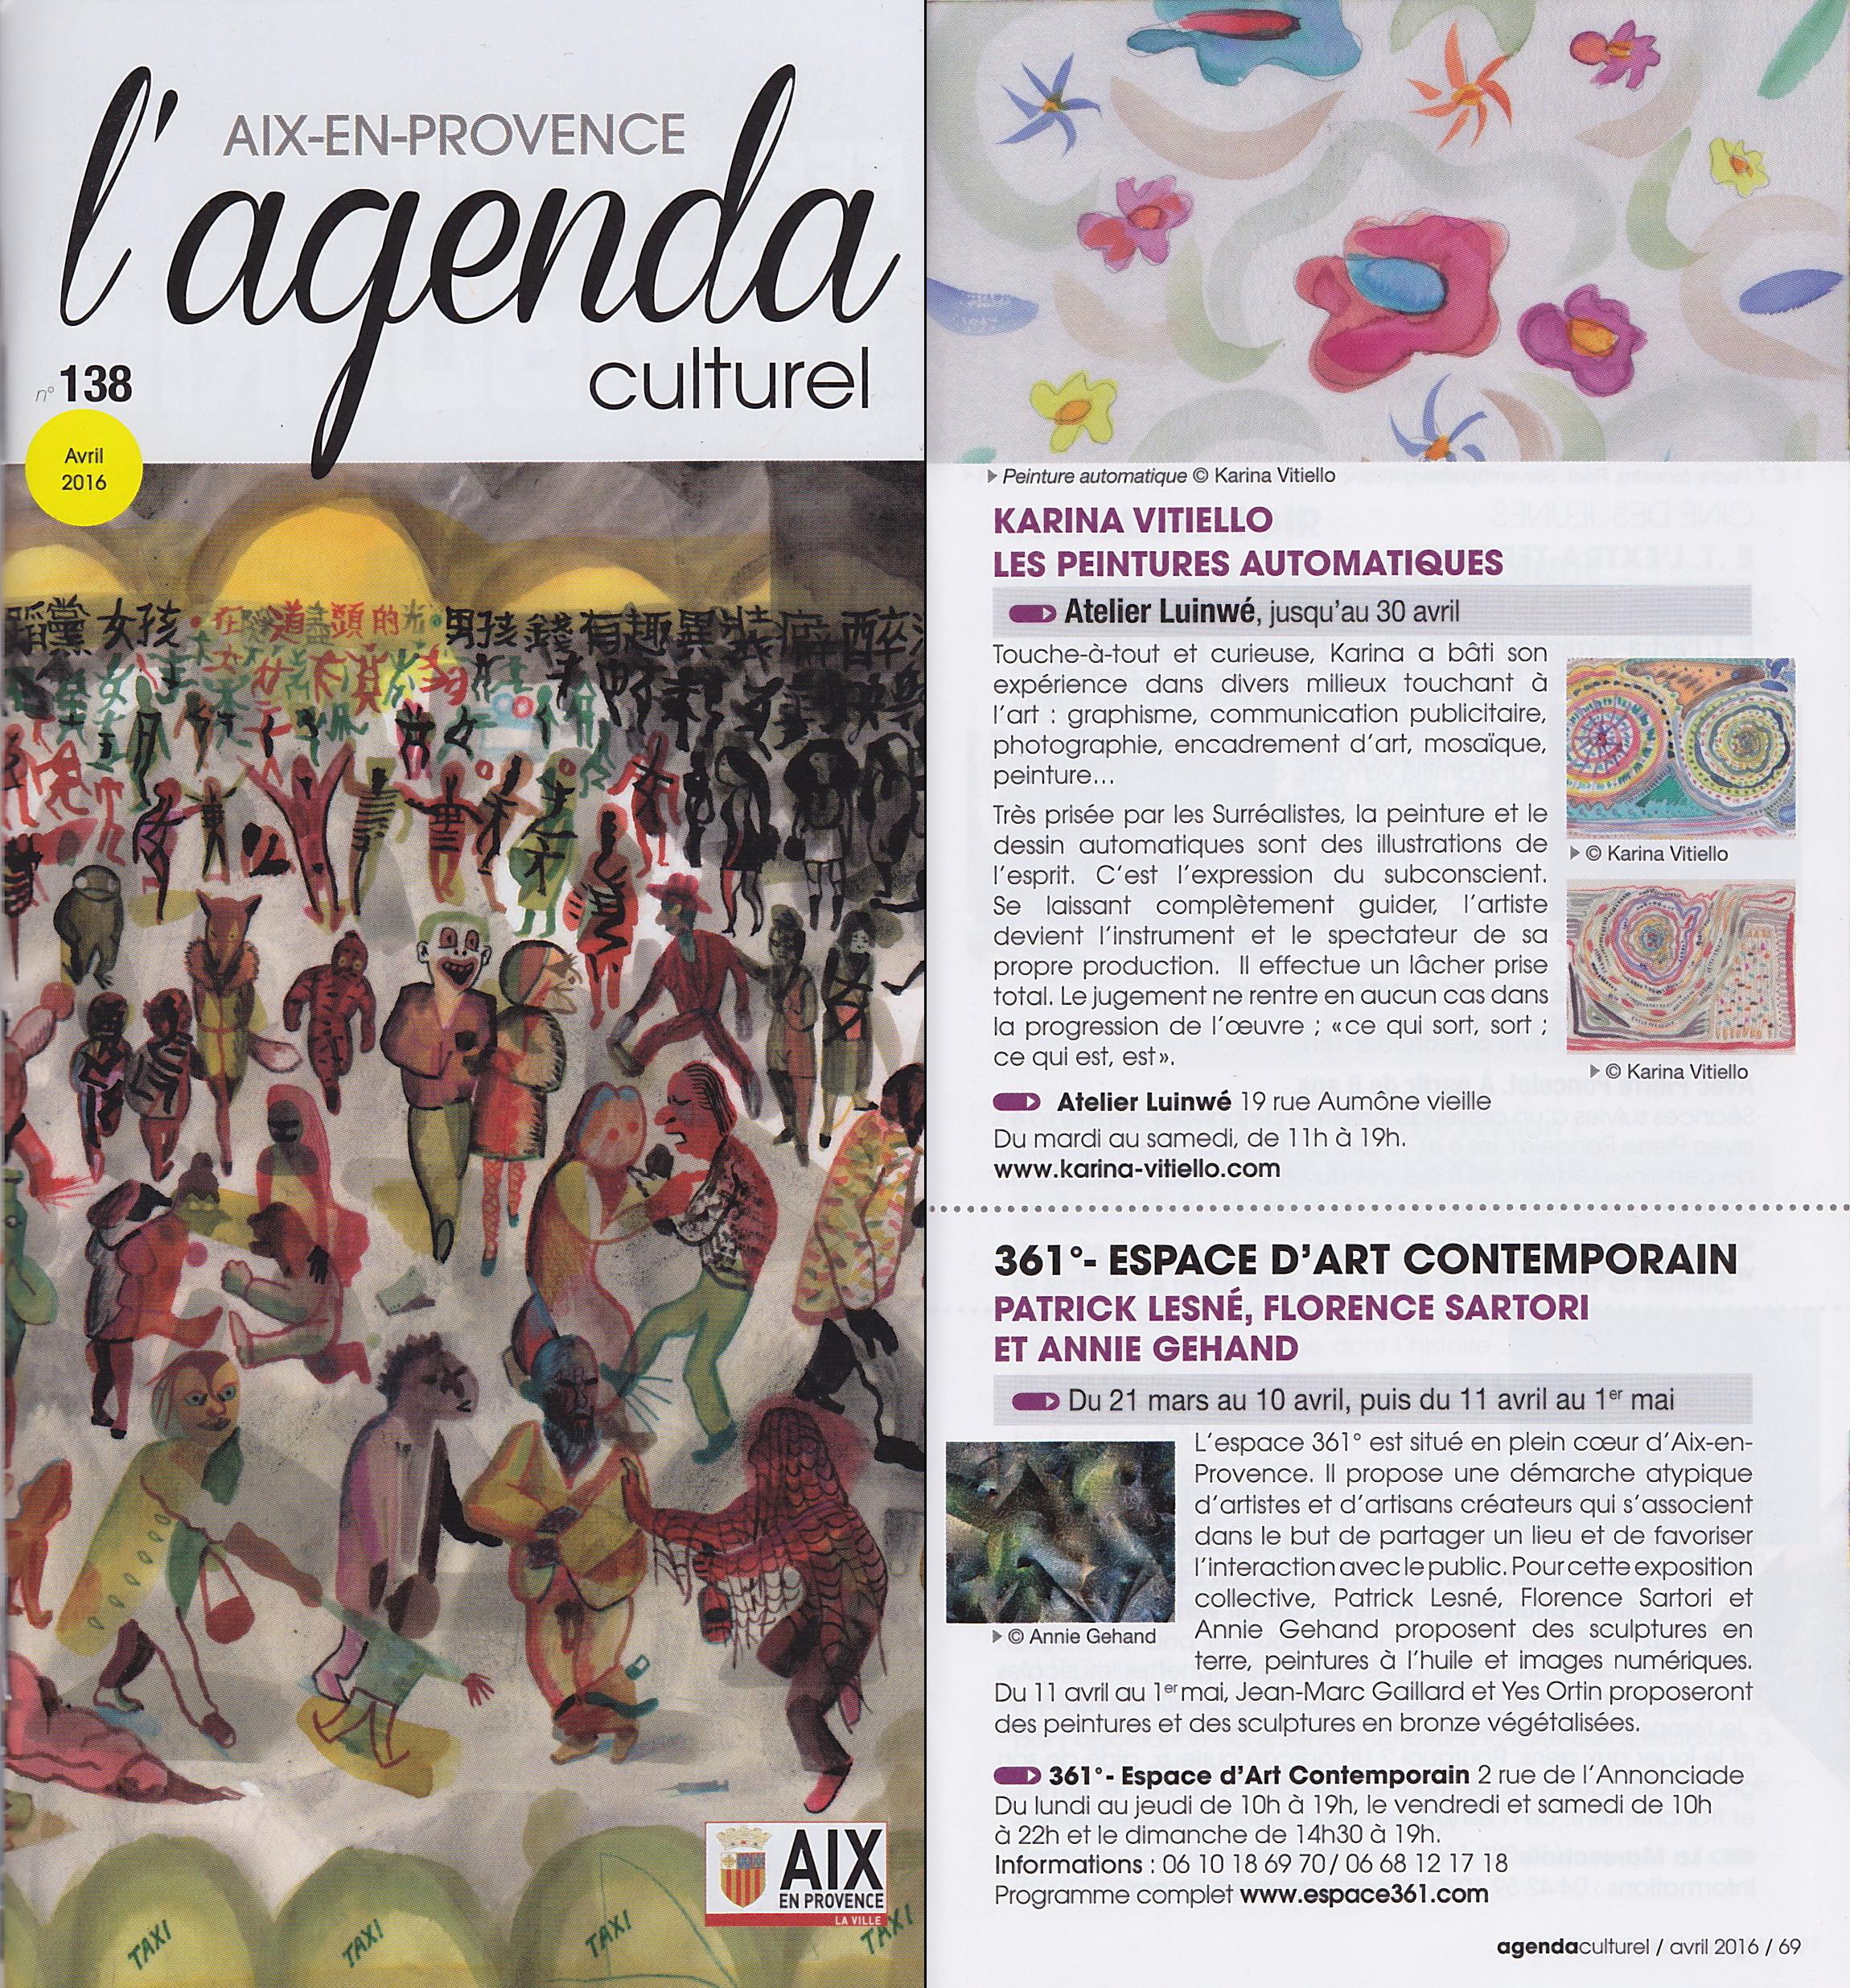 L'agenda_culturel_Aix-en-Provence_138_Avril2016_couv+p69